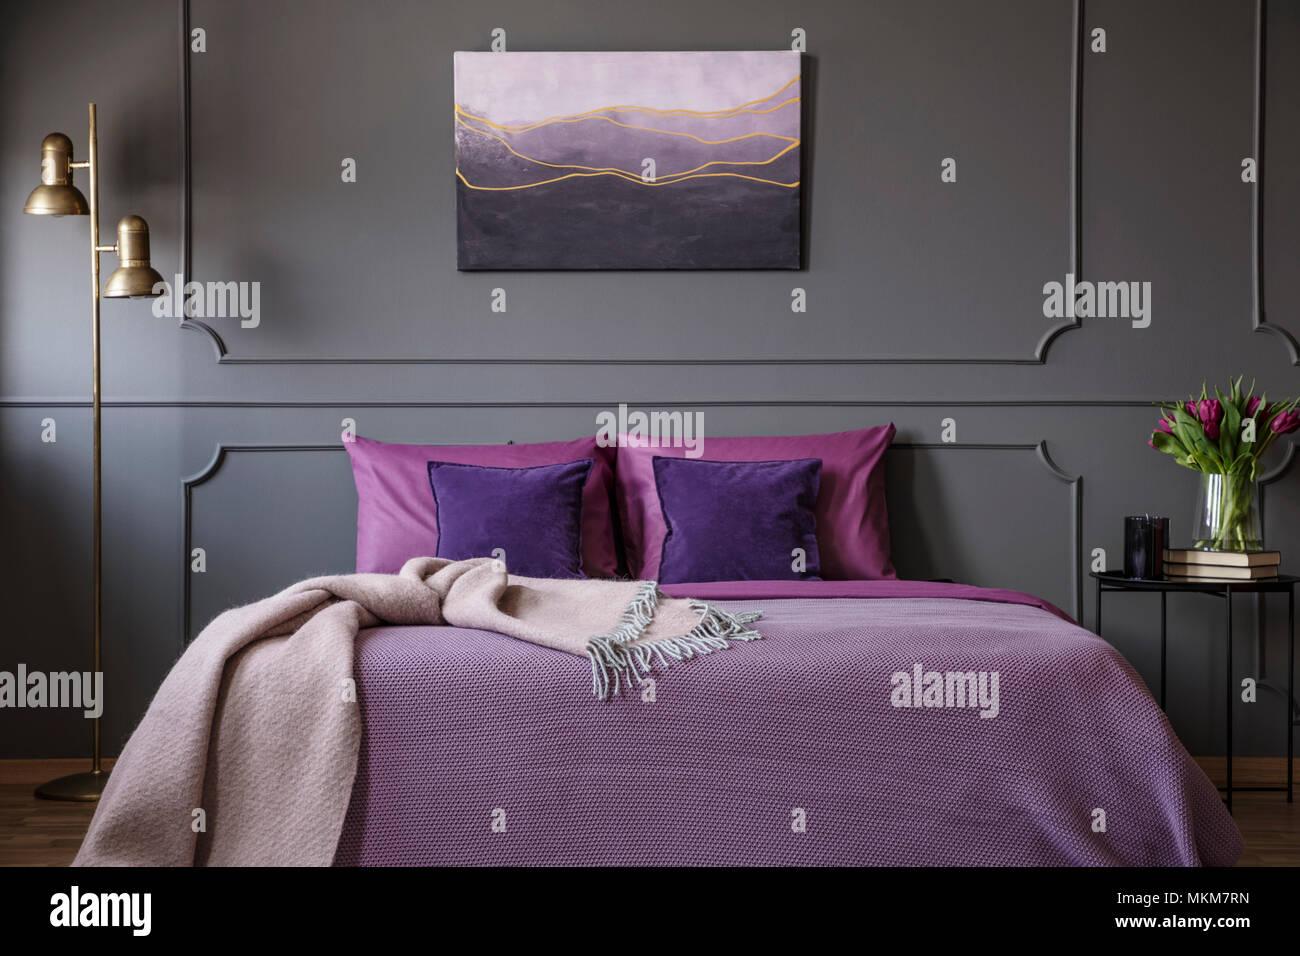 Pitture Per Interni Camere Da Letto.Coperta Rosa Su Viola Letto In Camera Da Letto Eleganti Interni Con